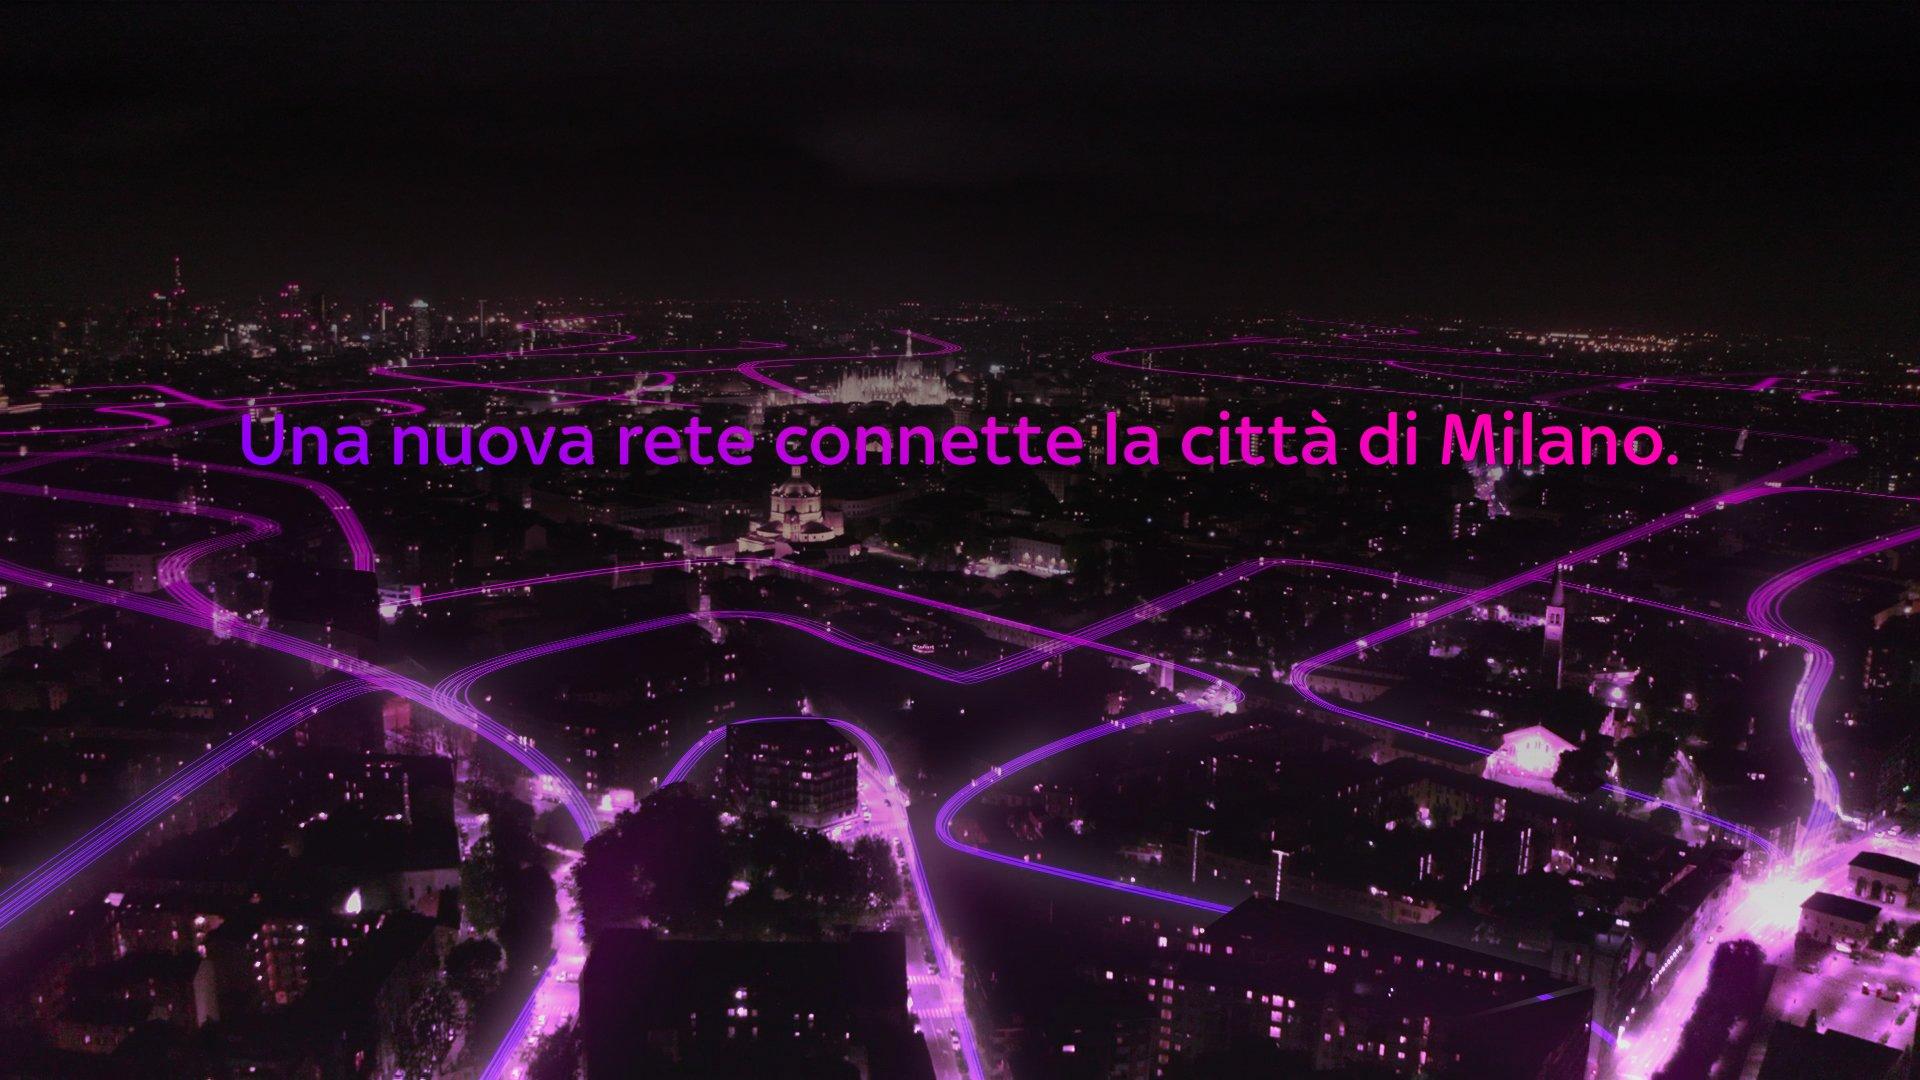 Sky WiFi omaggia Milano per raccontare il nuovo servizio ultra broadband